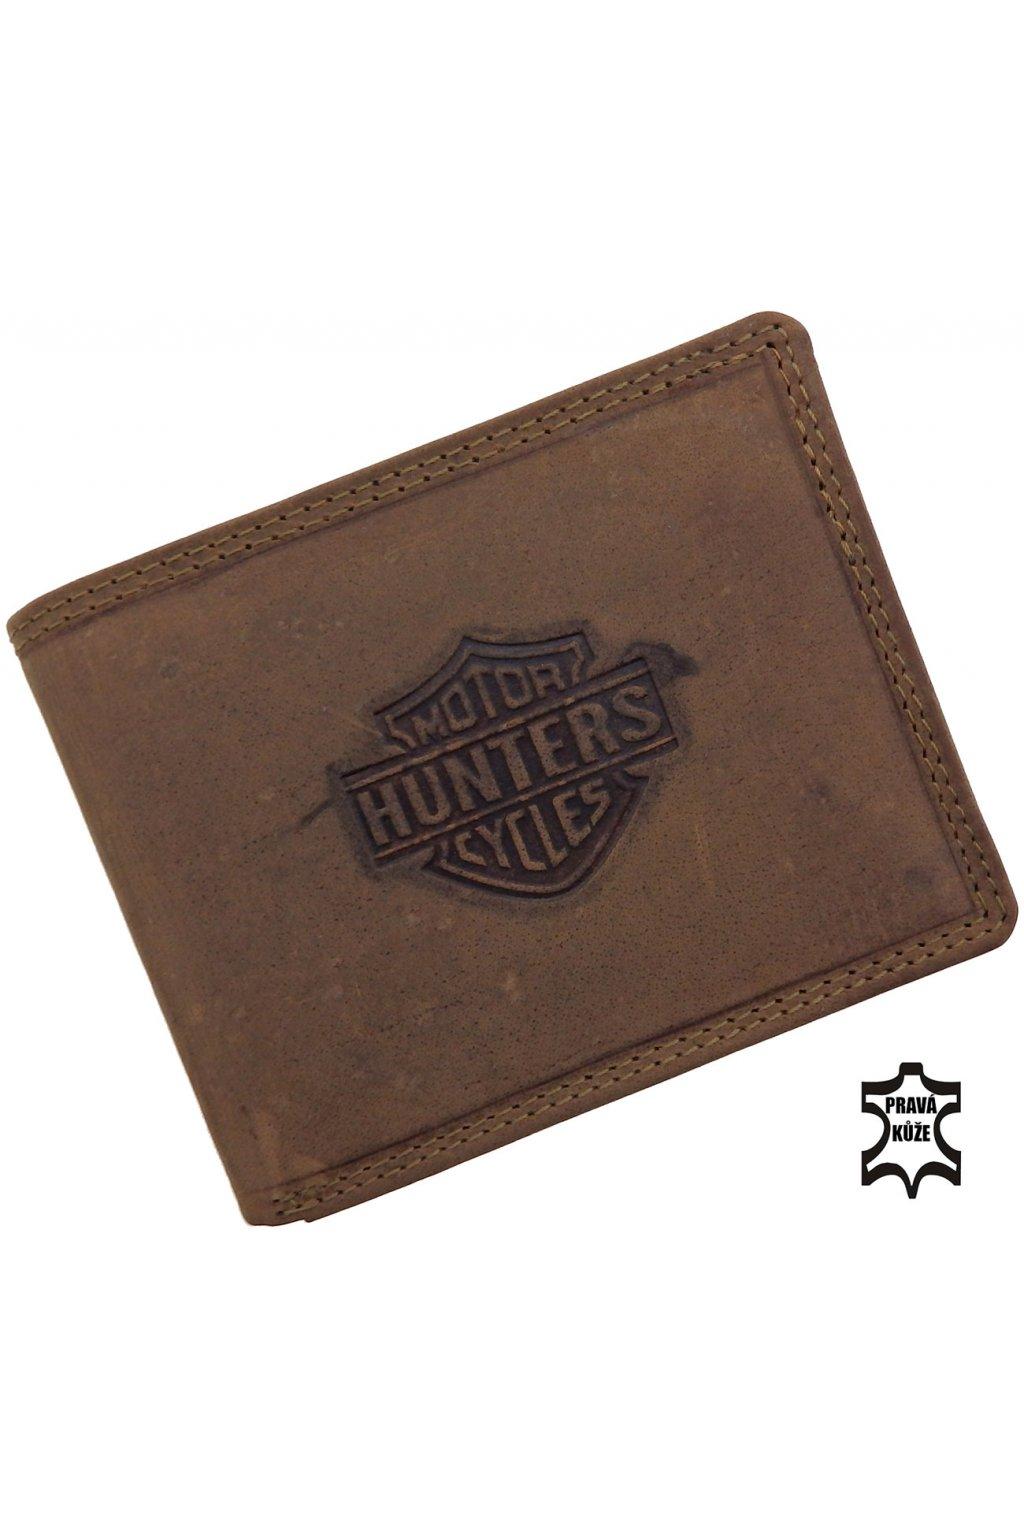 panska kozena peněženka pkp10 kht 5700 h